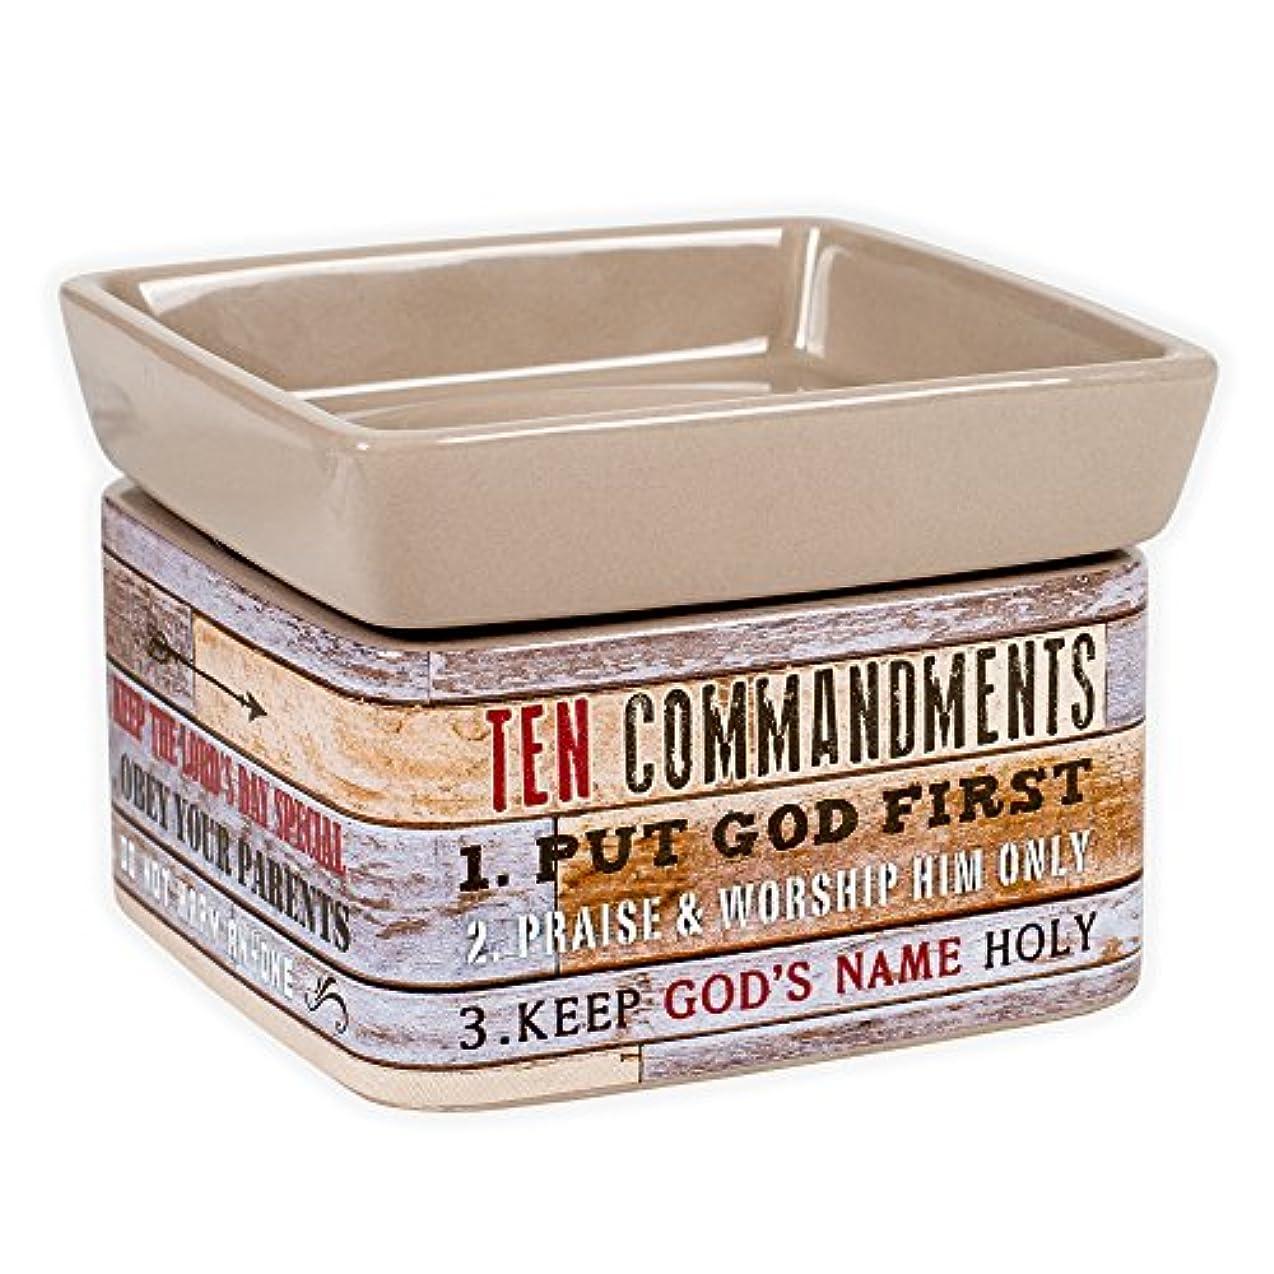 教義バイアス容量Ten Commandments Pallet Wood Lookセラミックストーン2イン1 Jar Candle andワックスTart Oil Warmer